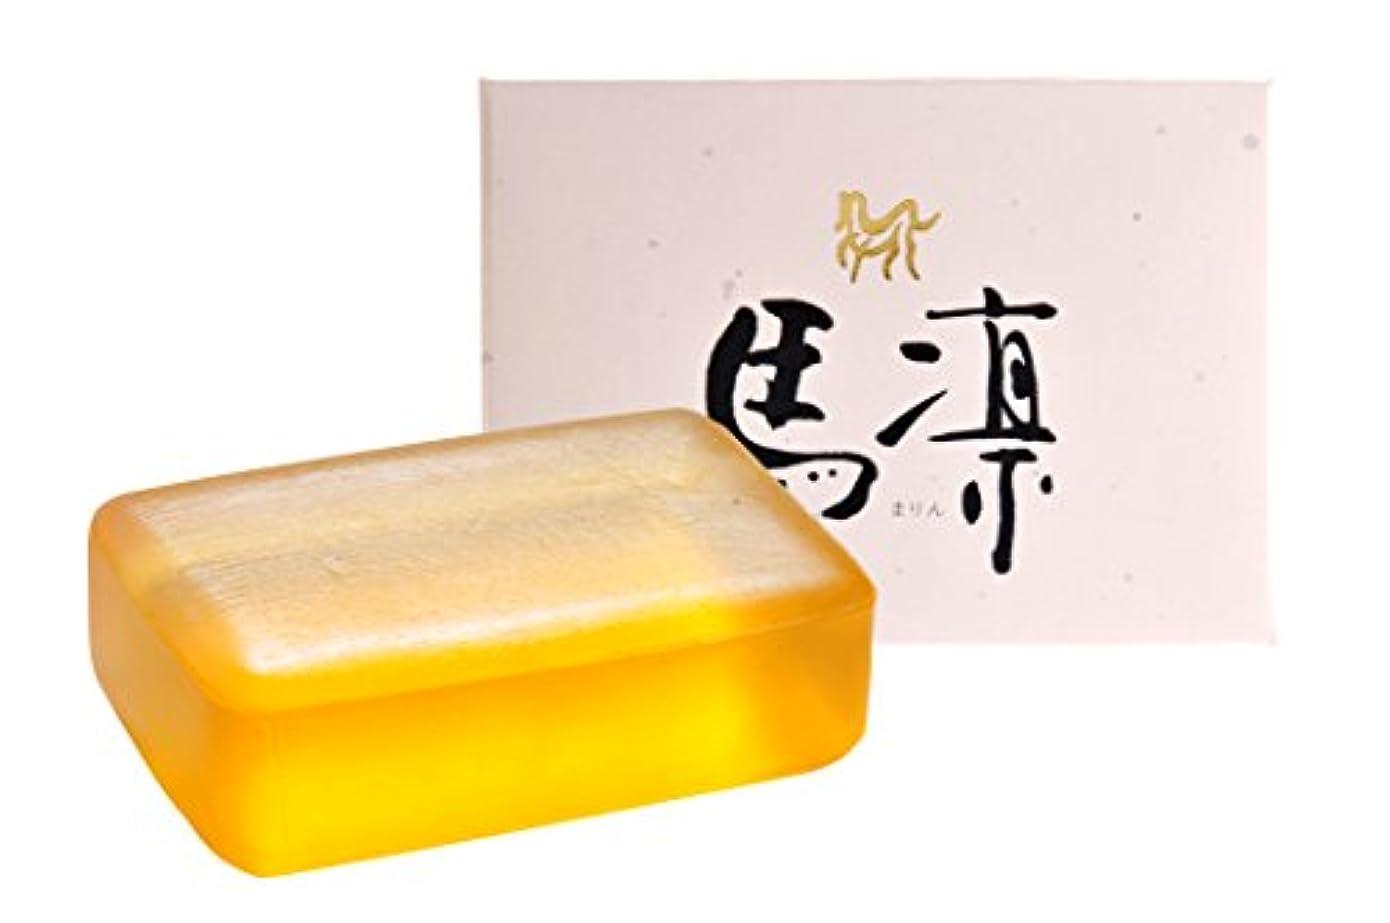 アラブサラボピット予測子ホウリン 馬凛(まりん) 洗顔石鹸 120g